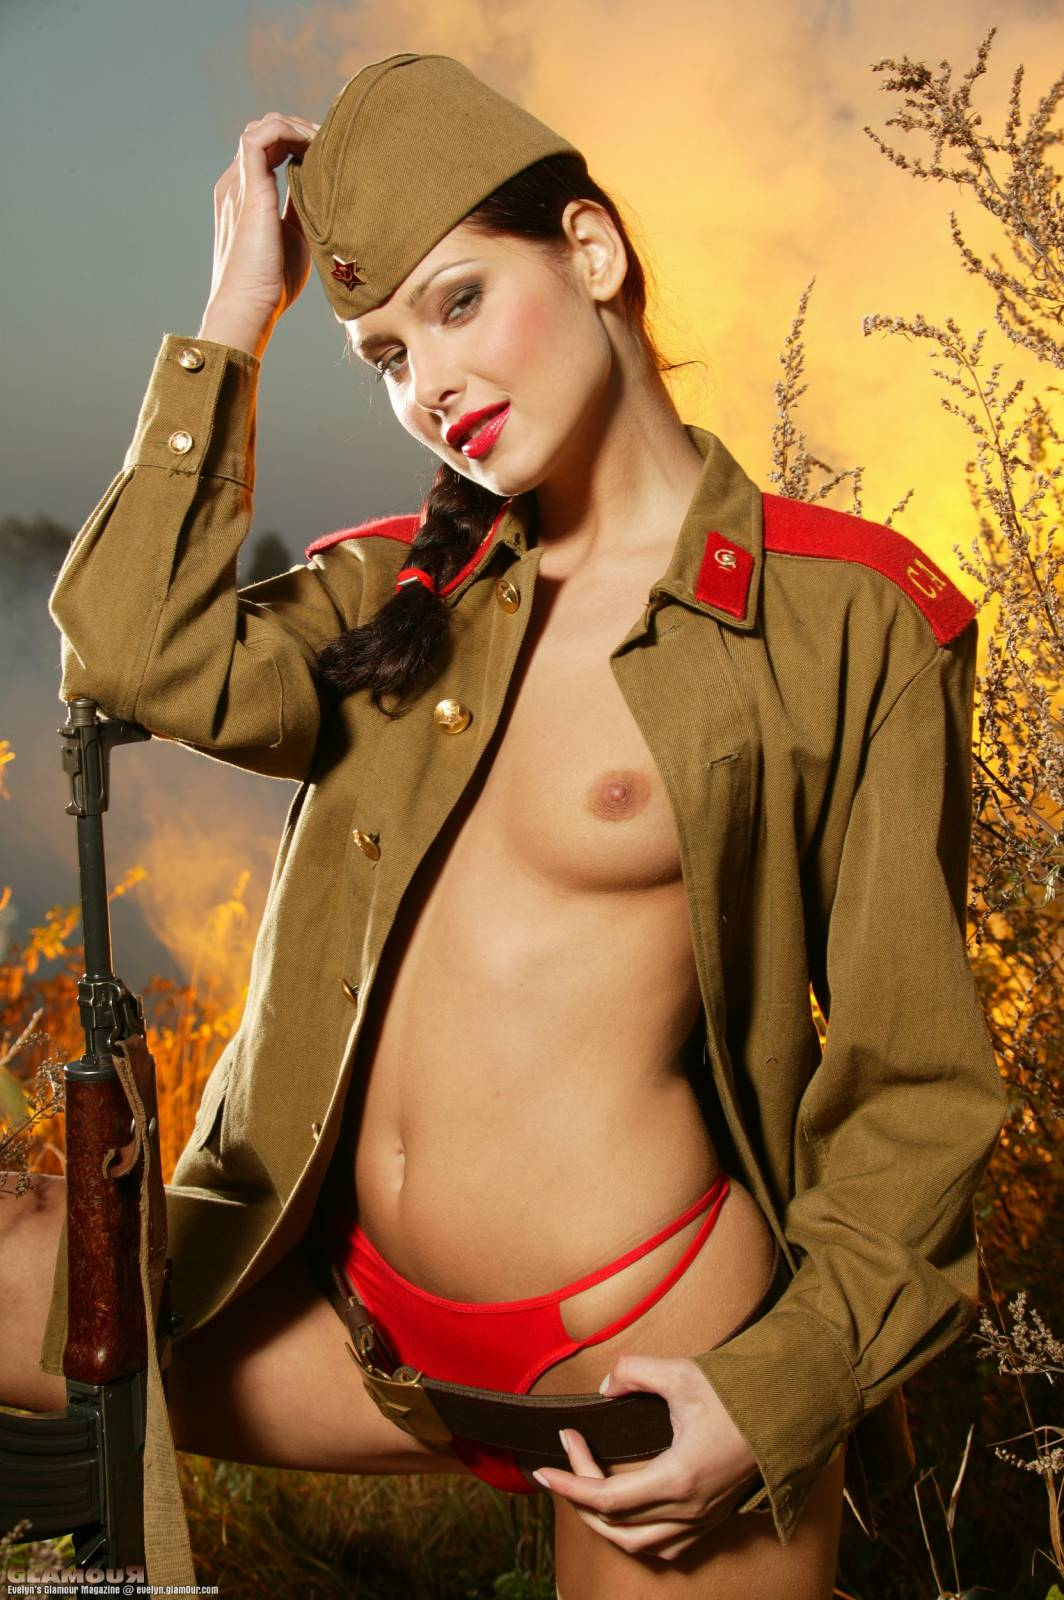 Русское порно в военной форме онлайн 15 фотография